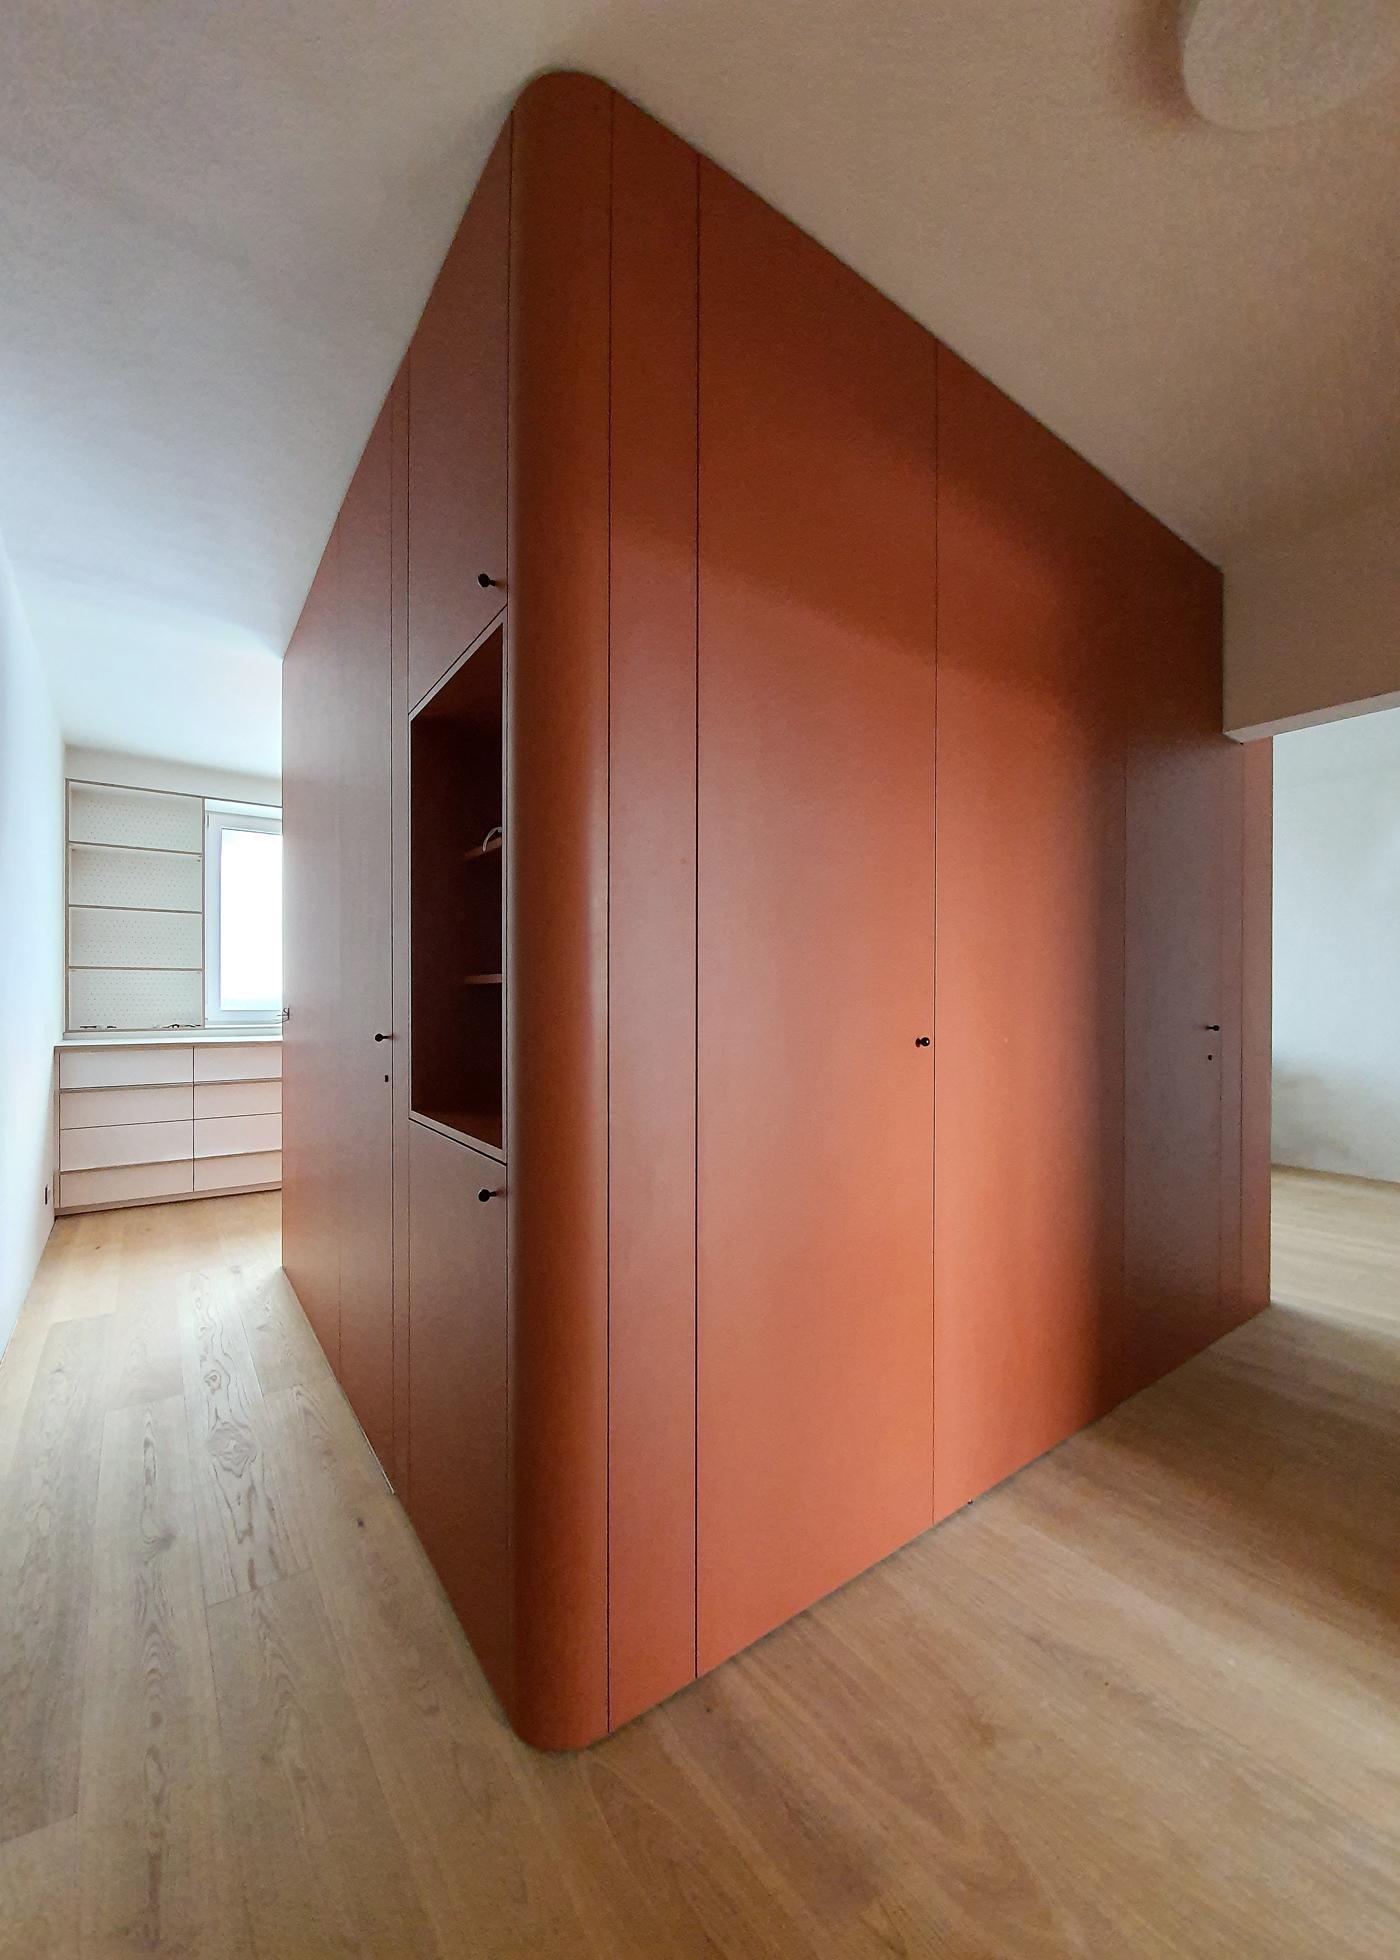 noiz-architekti-interier-byt-lotysska-real-10